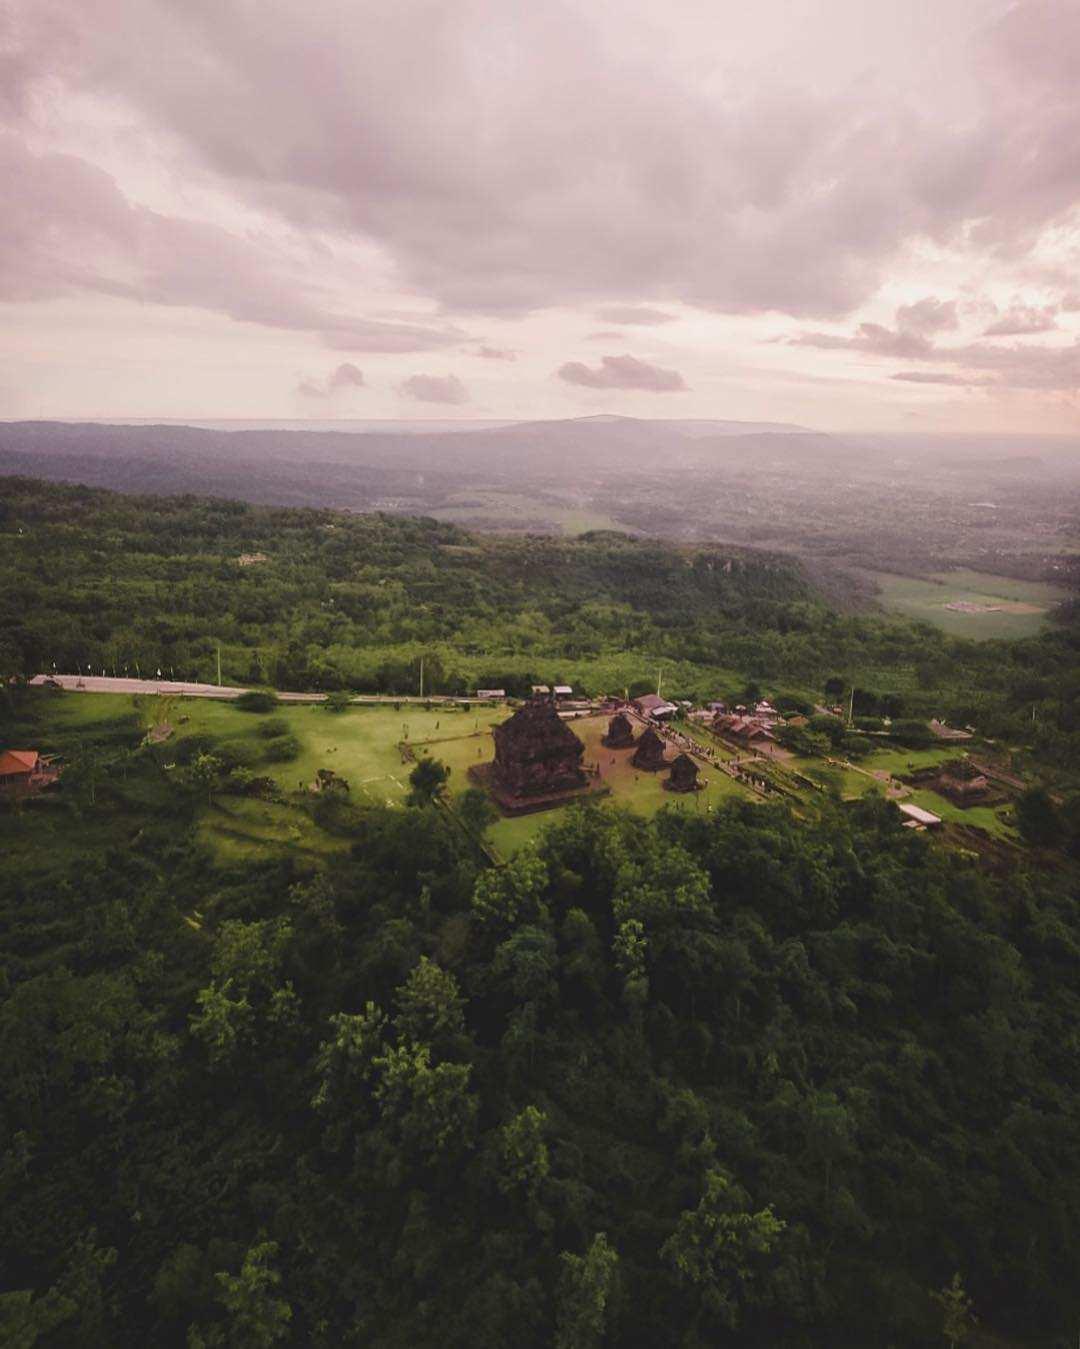 Pemandangan Candi Ijo Dilihat dari Udara Images From @Fajarnasution